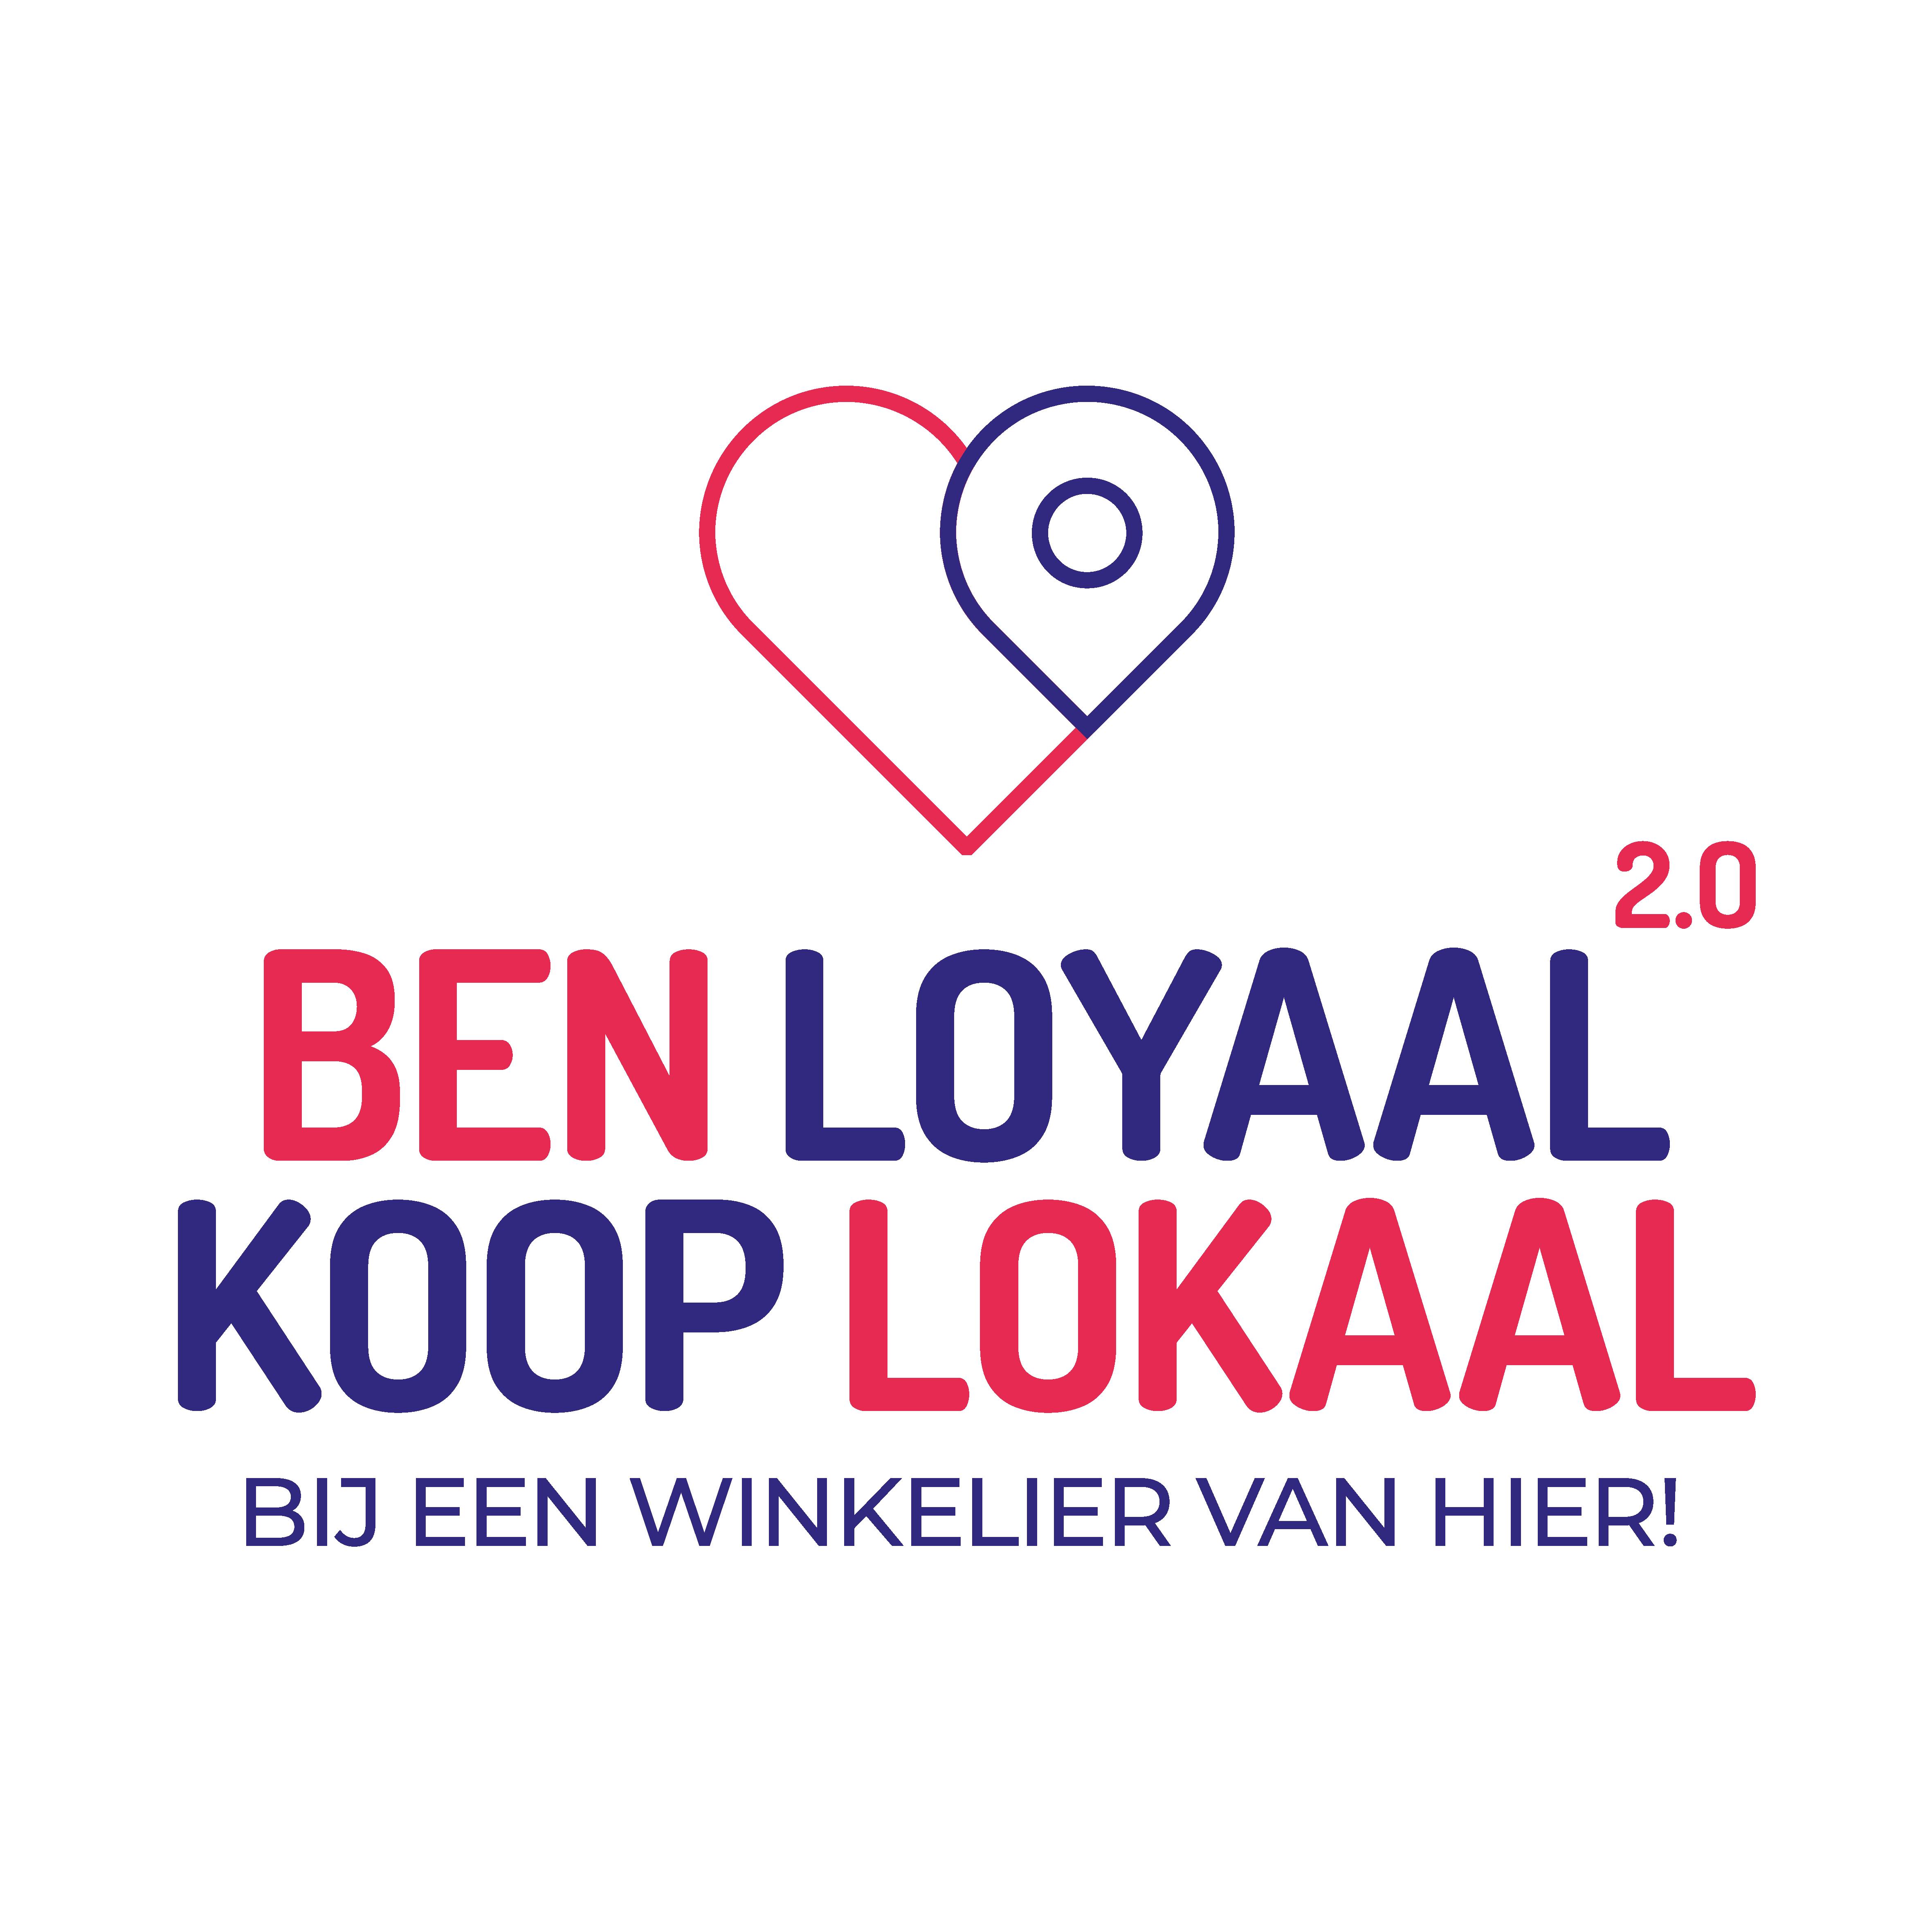 BenLoyaalKoopLokaal logo FC